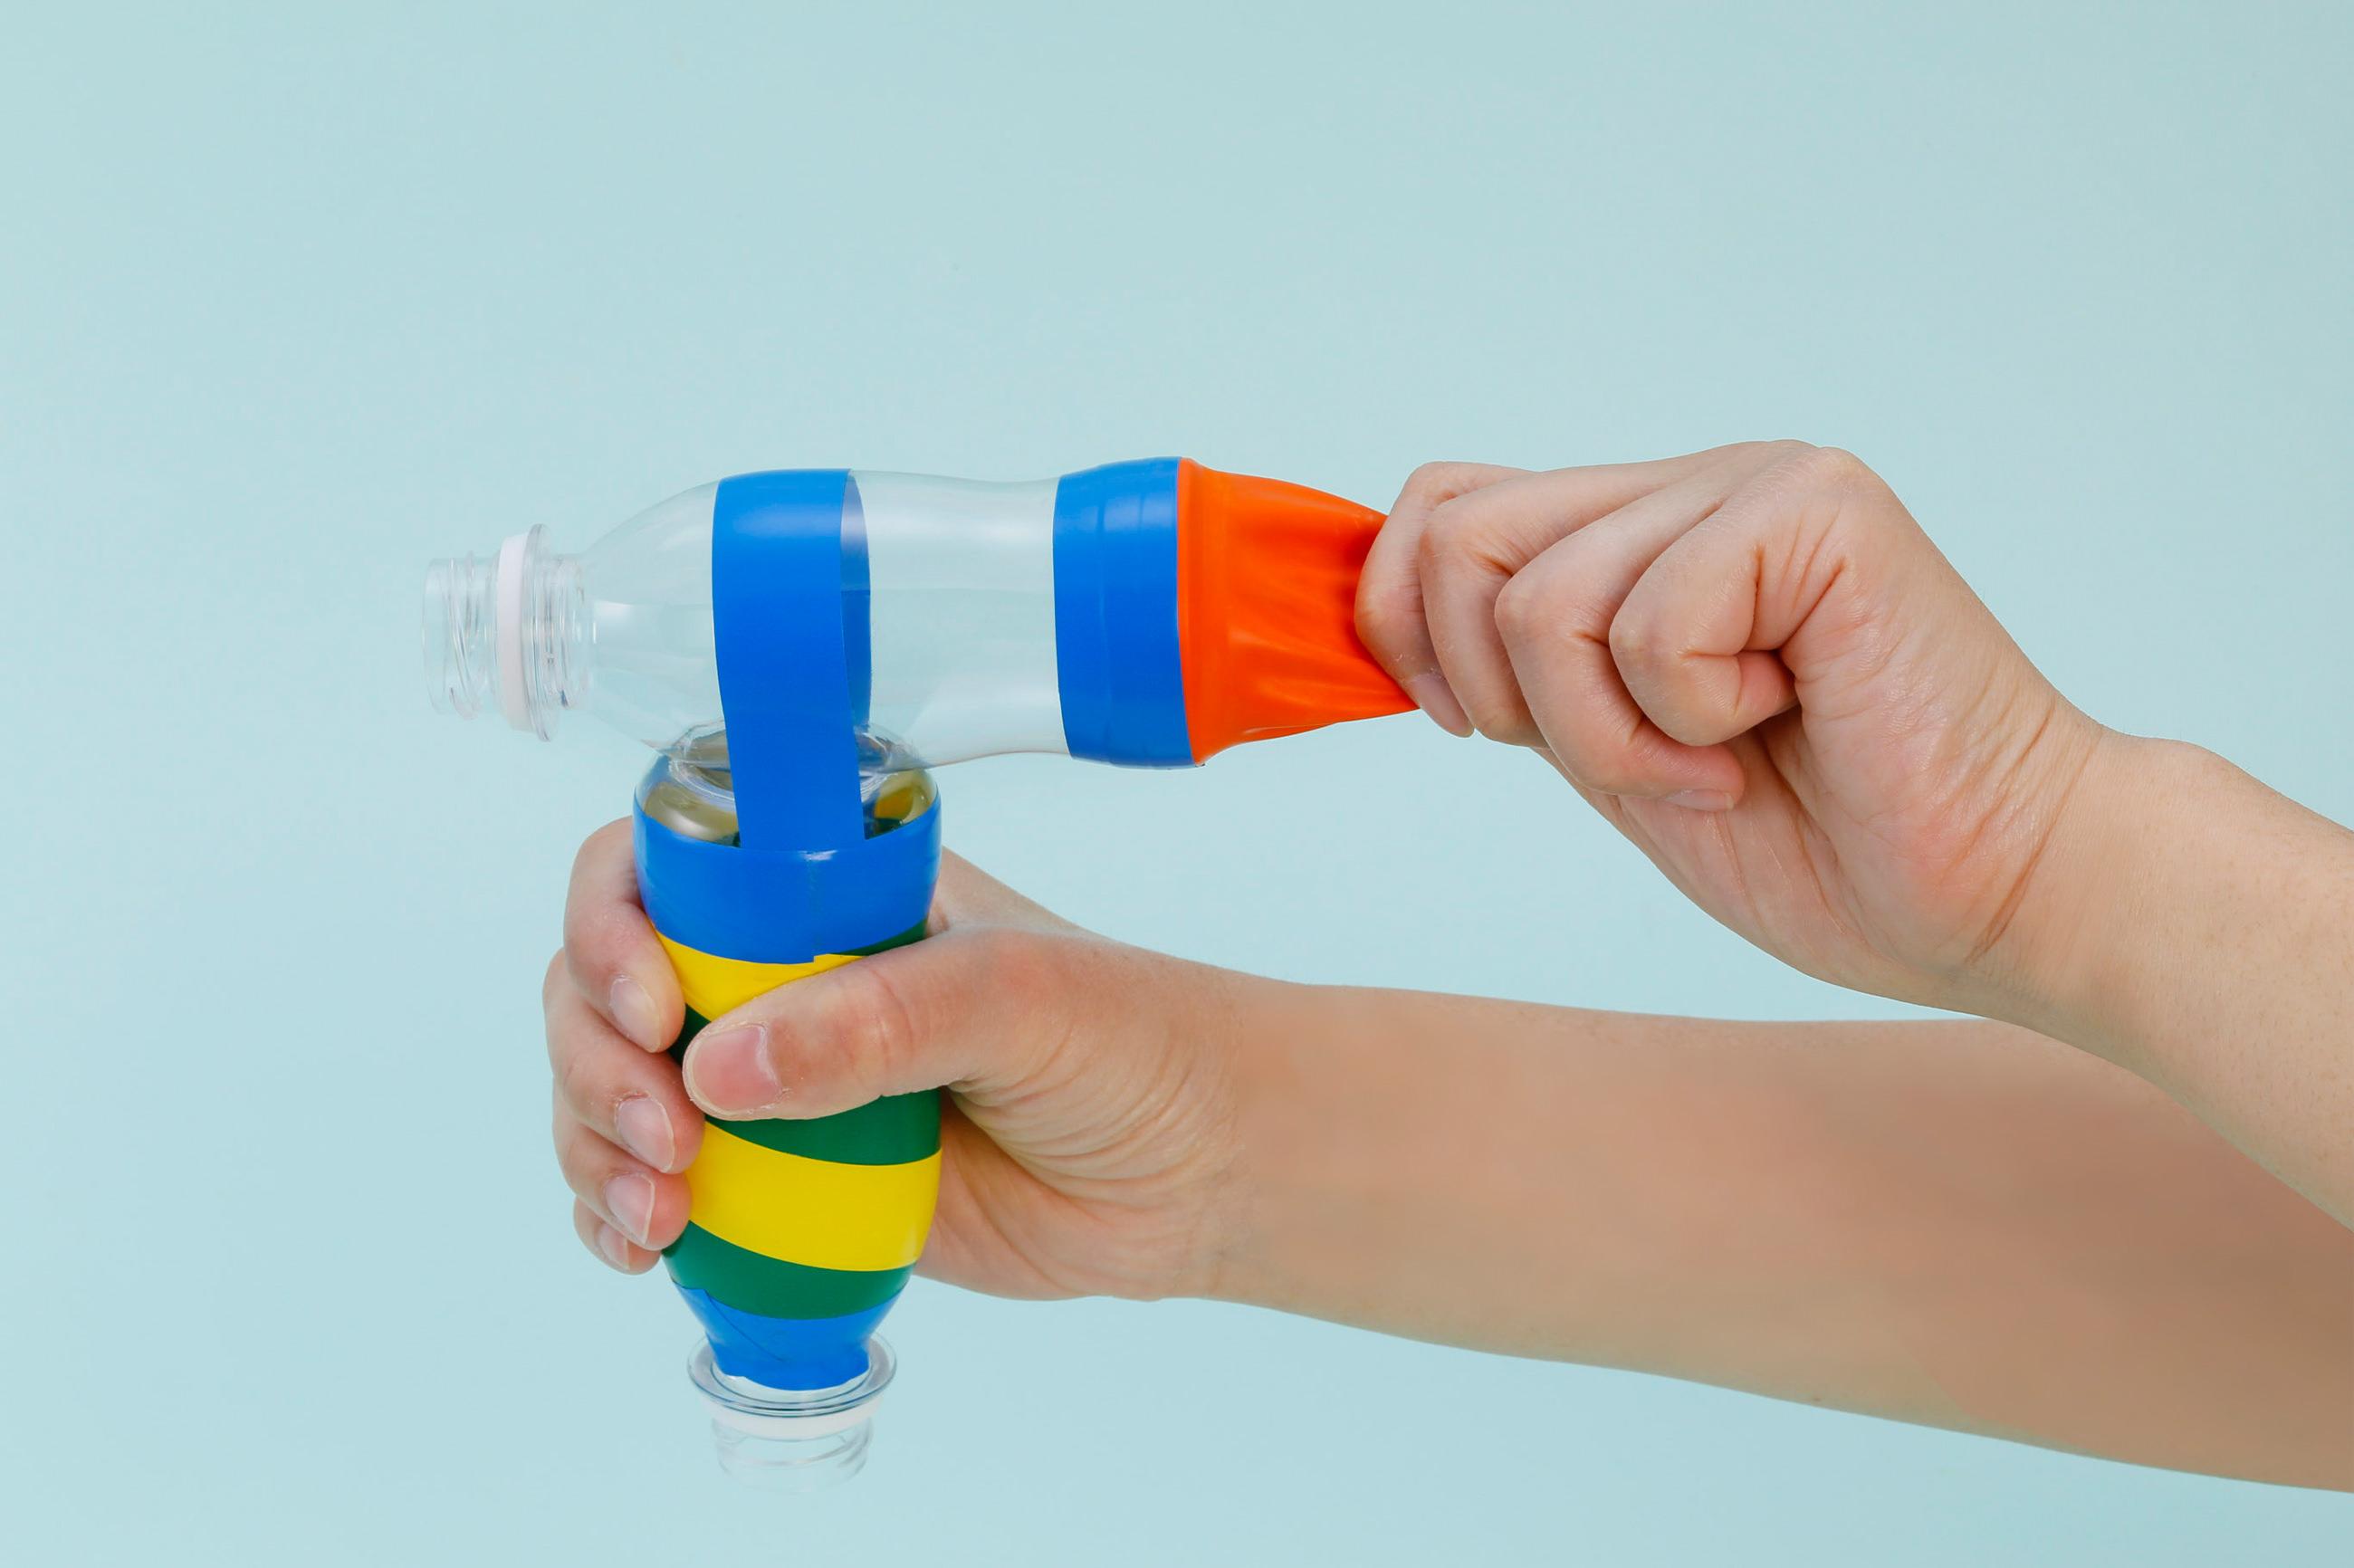 実験 ミニペットボトル空気砲(くうきほう)